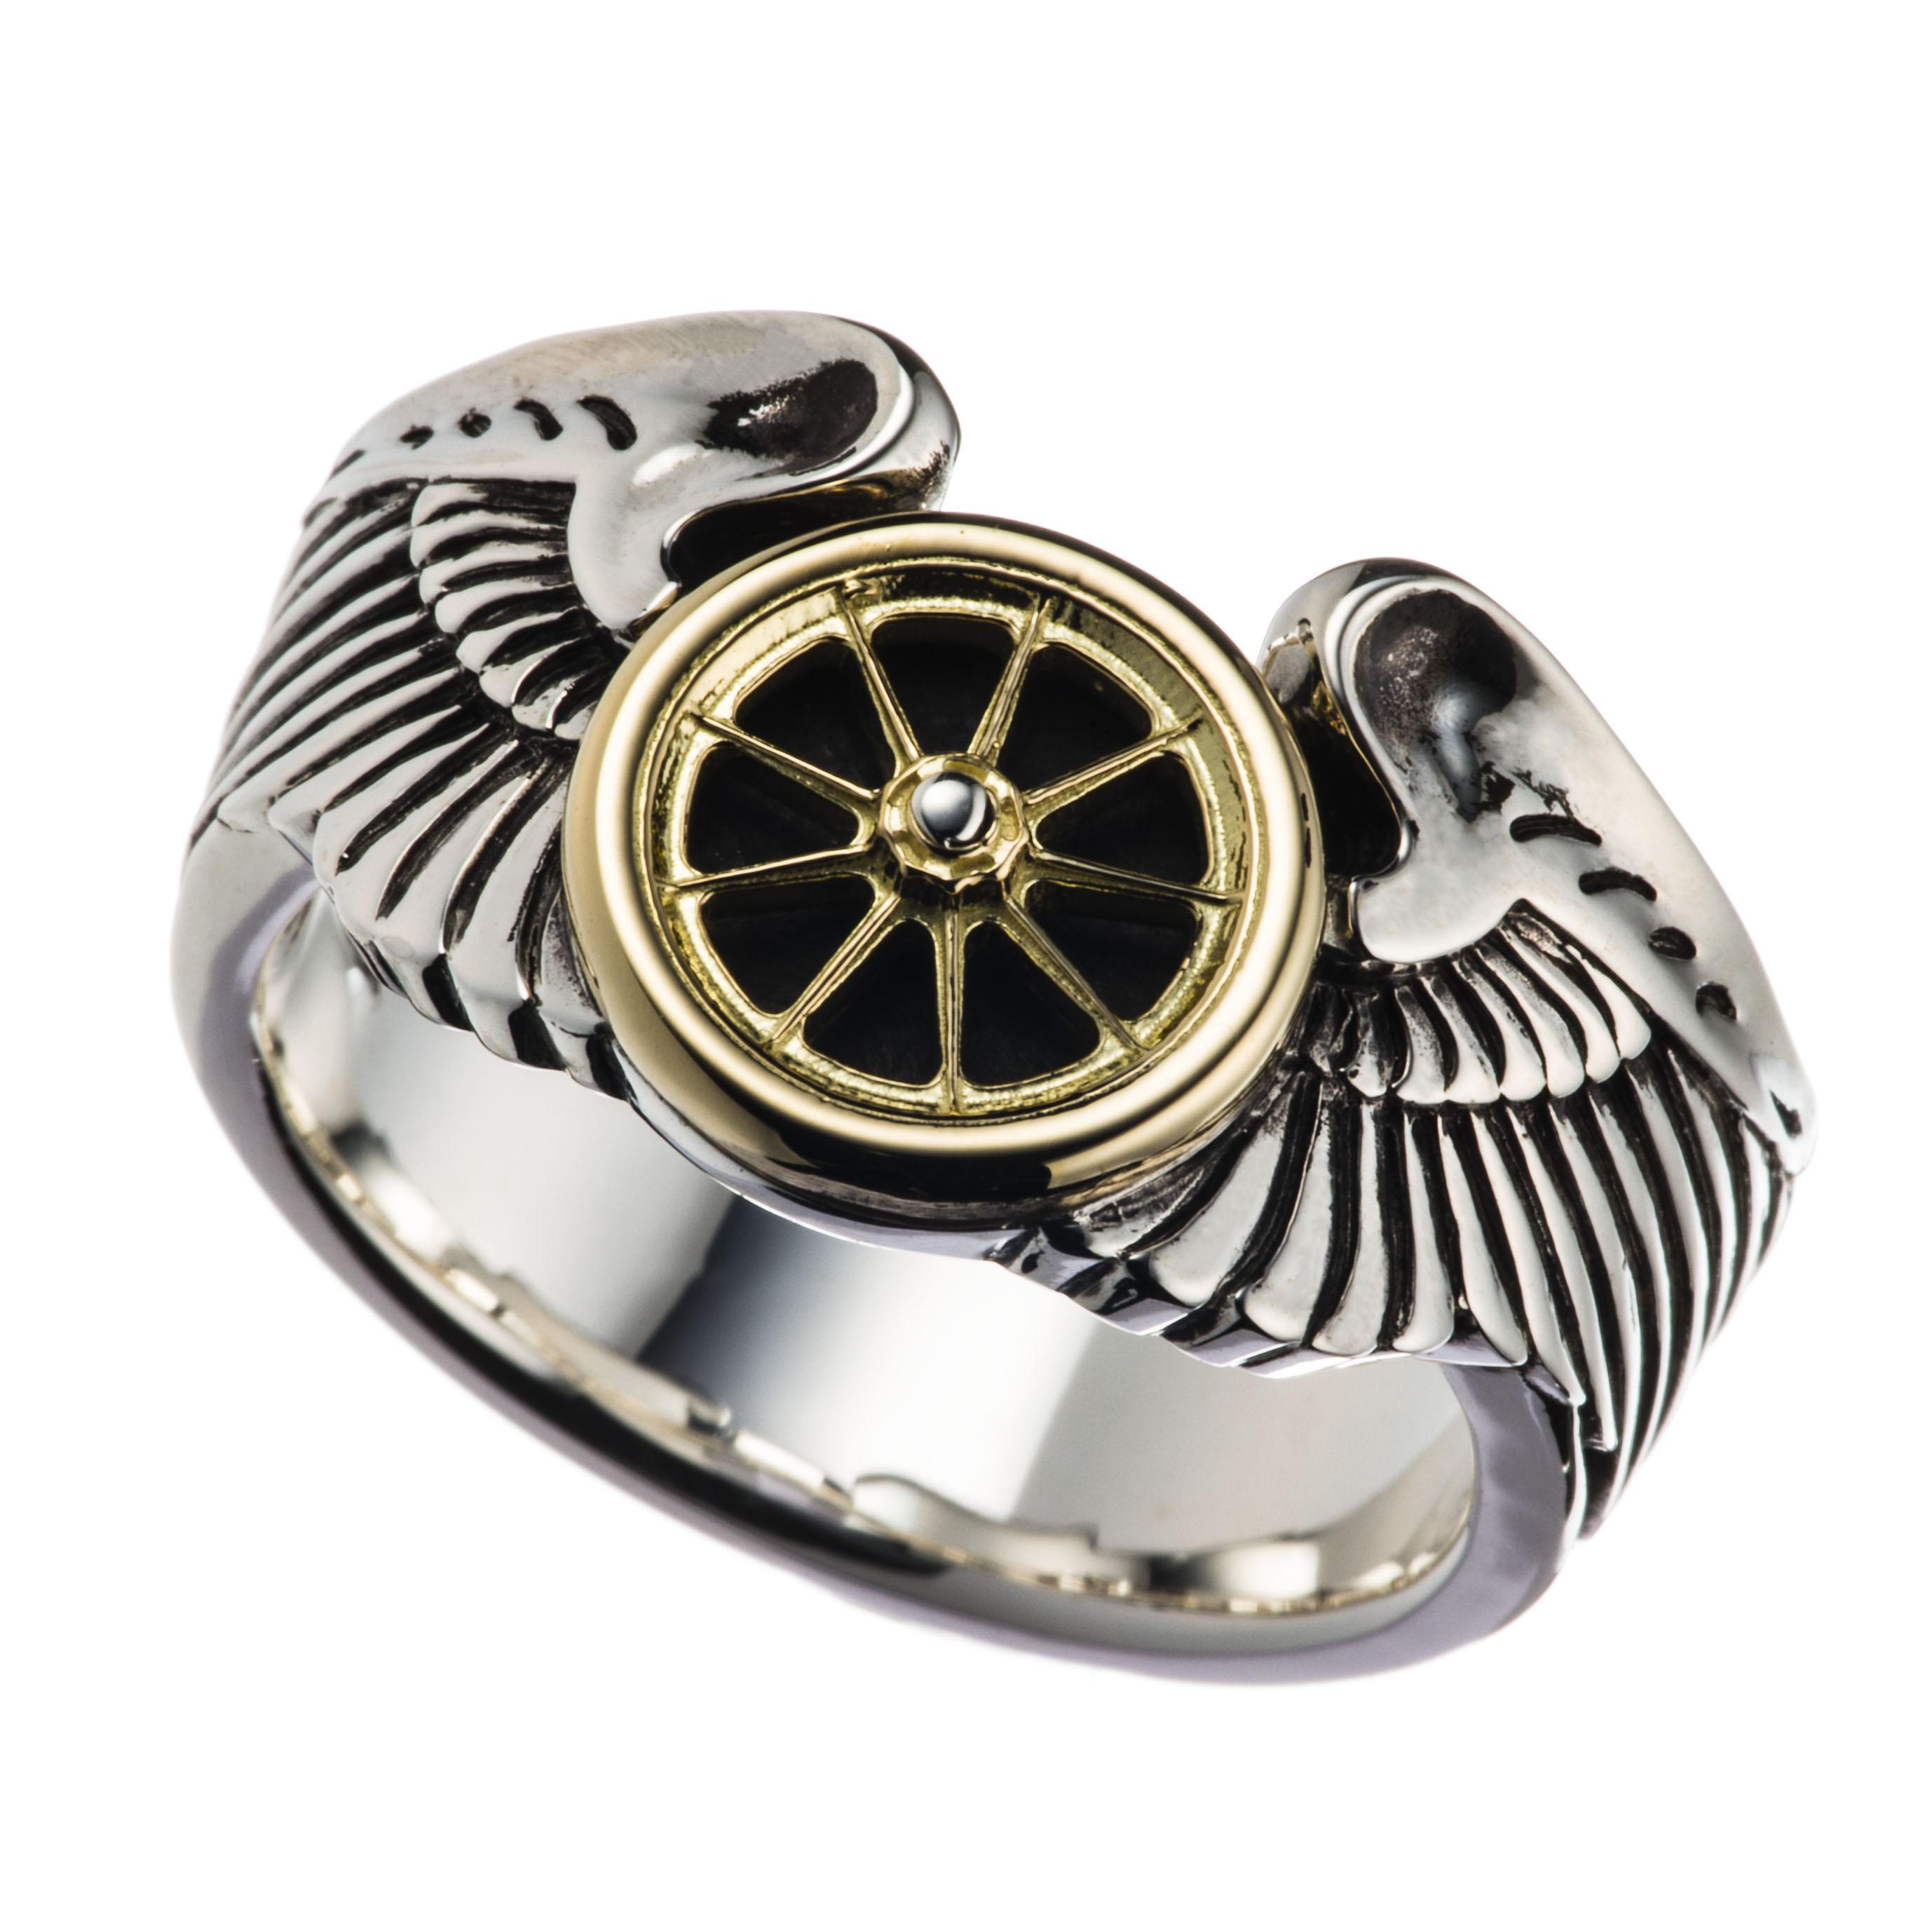 Pilot wing ring